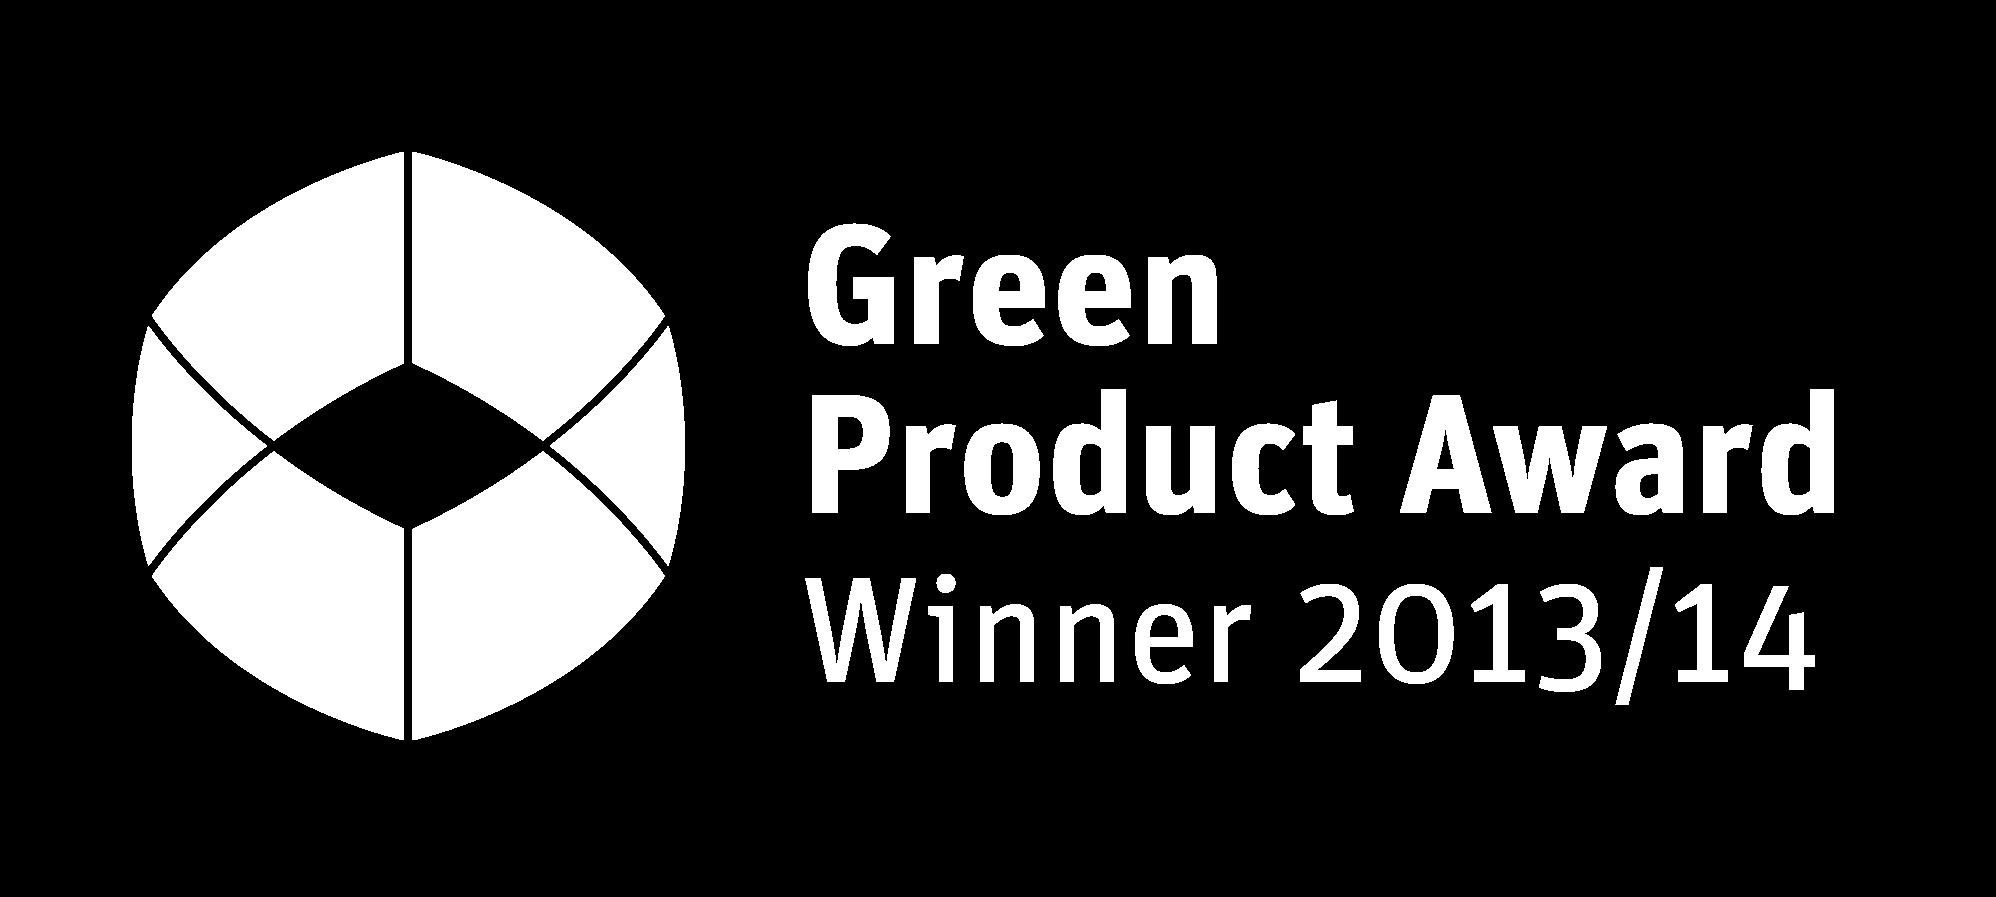 Green_Product_Award_Winner_2013_white